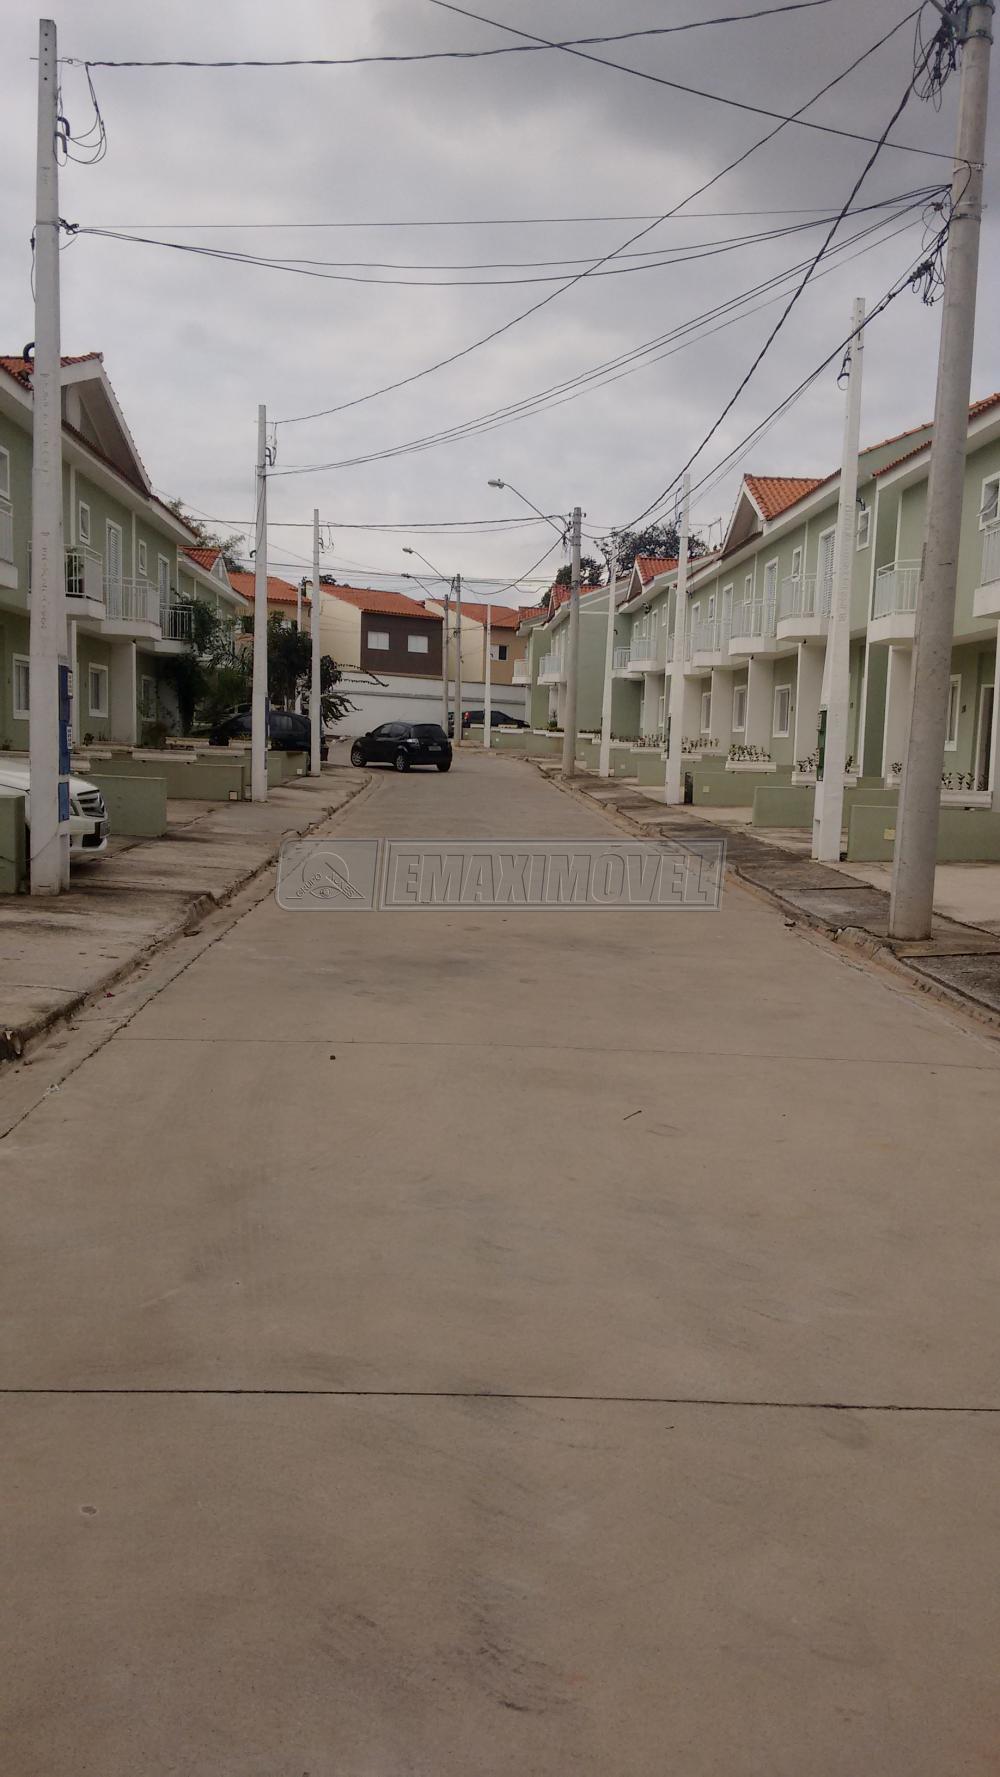 Comprar Casa / em Condomínios em Sorocaba R$ 329.000,00 - Foto 8